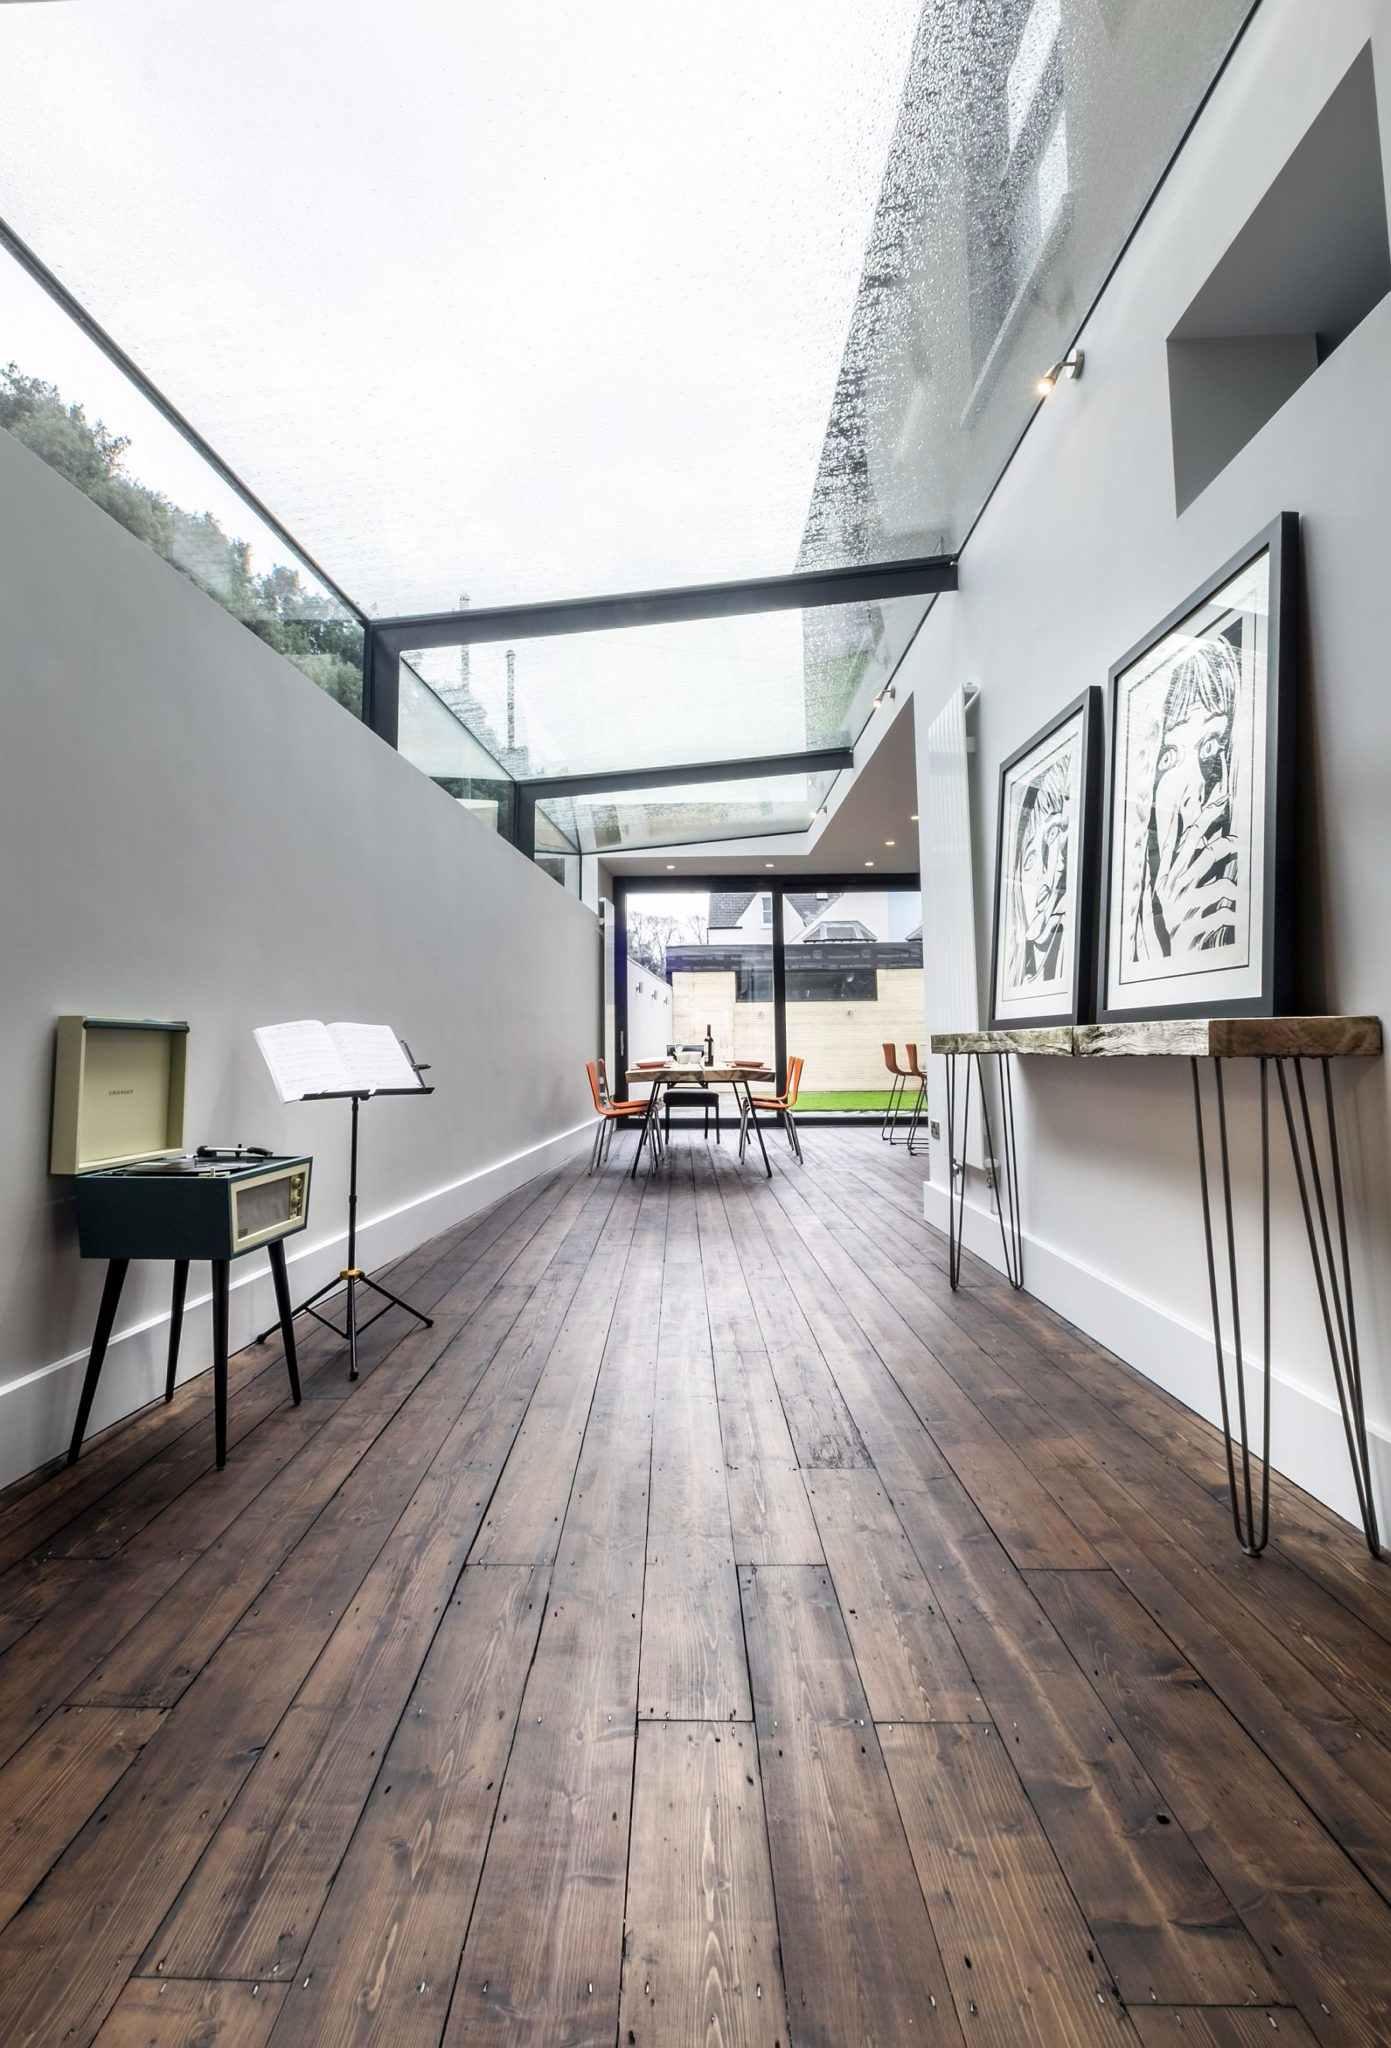 Para deixar o corredor mais amplo, a solução é optar por uma cobertura de vidro